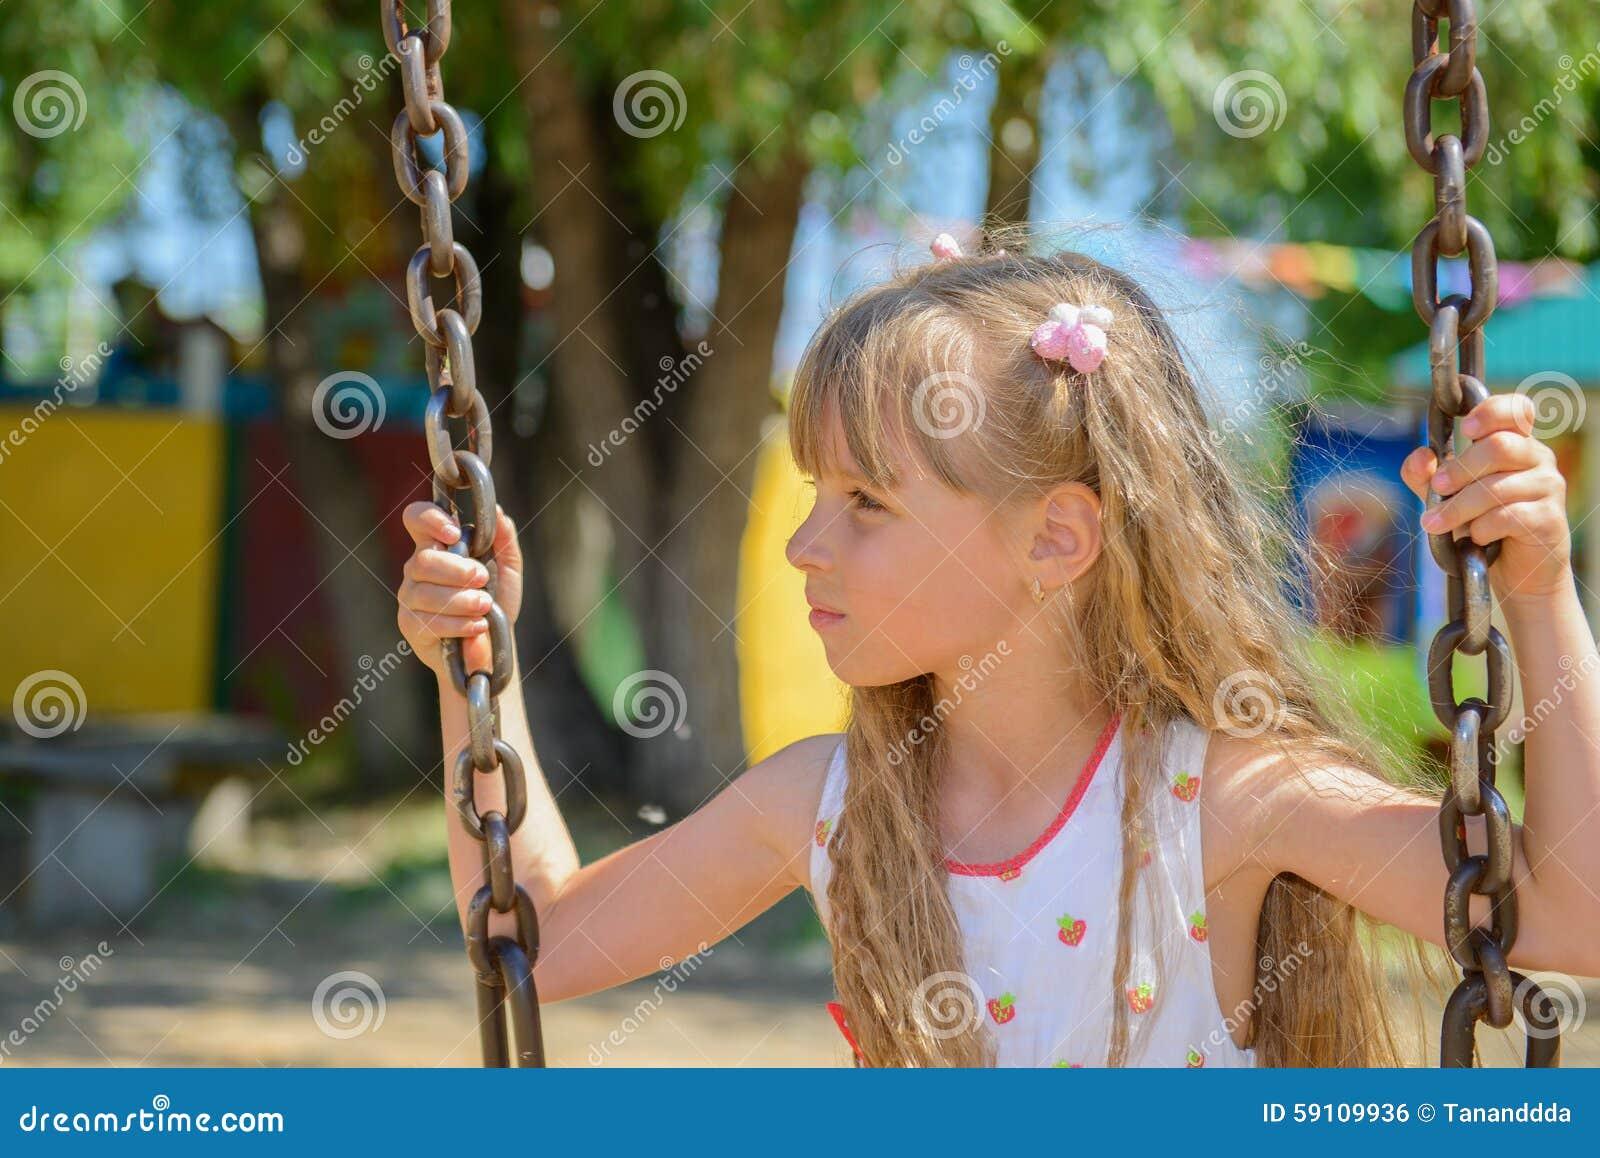 愉快的小女孩佩带夏天的五岁穿戴获得乐趣